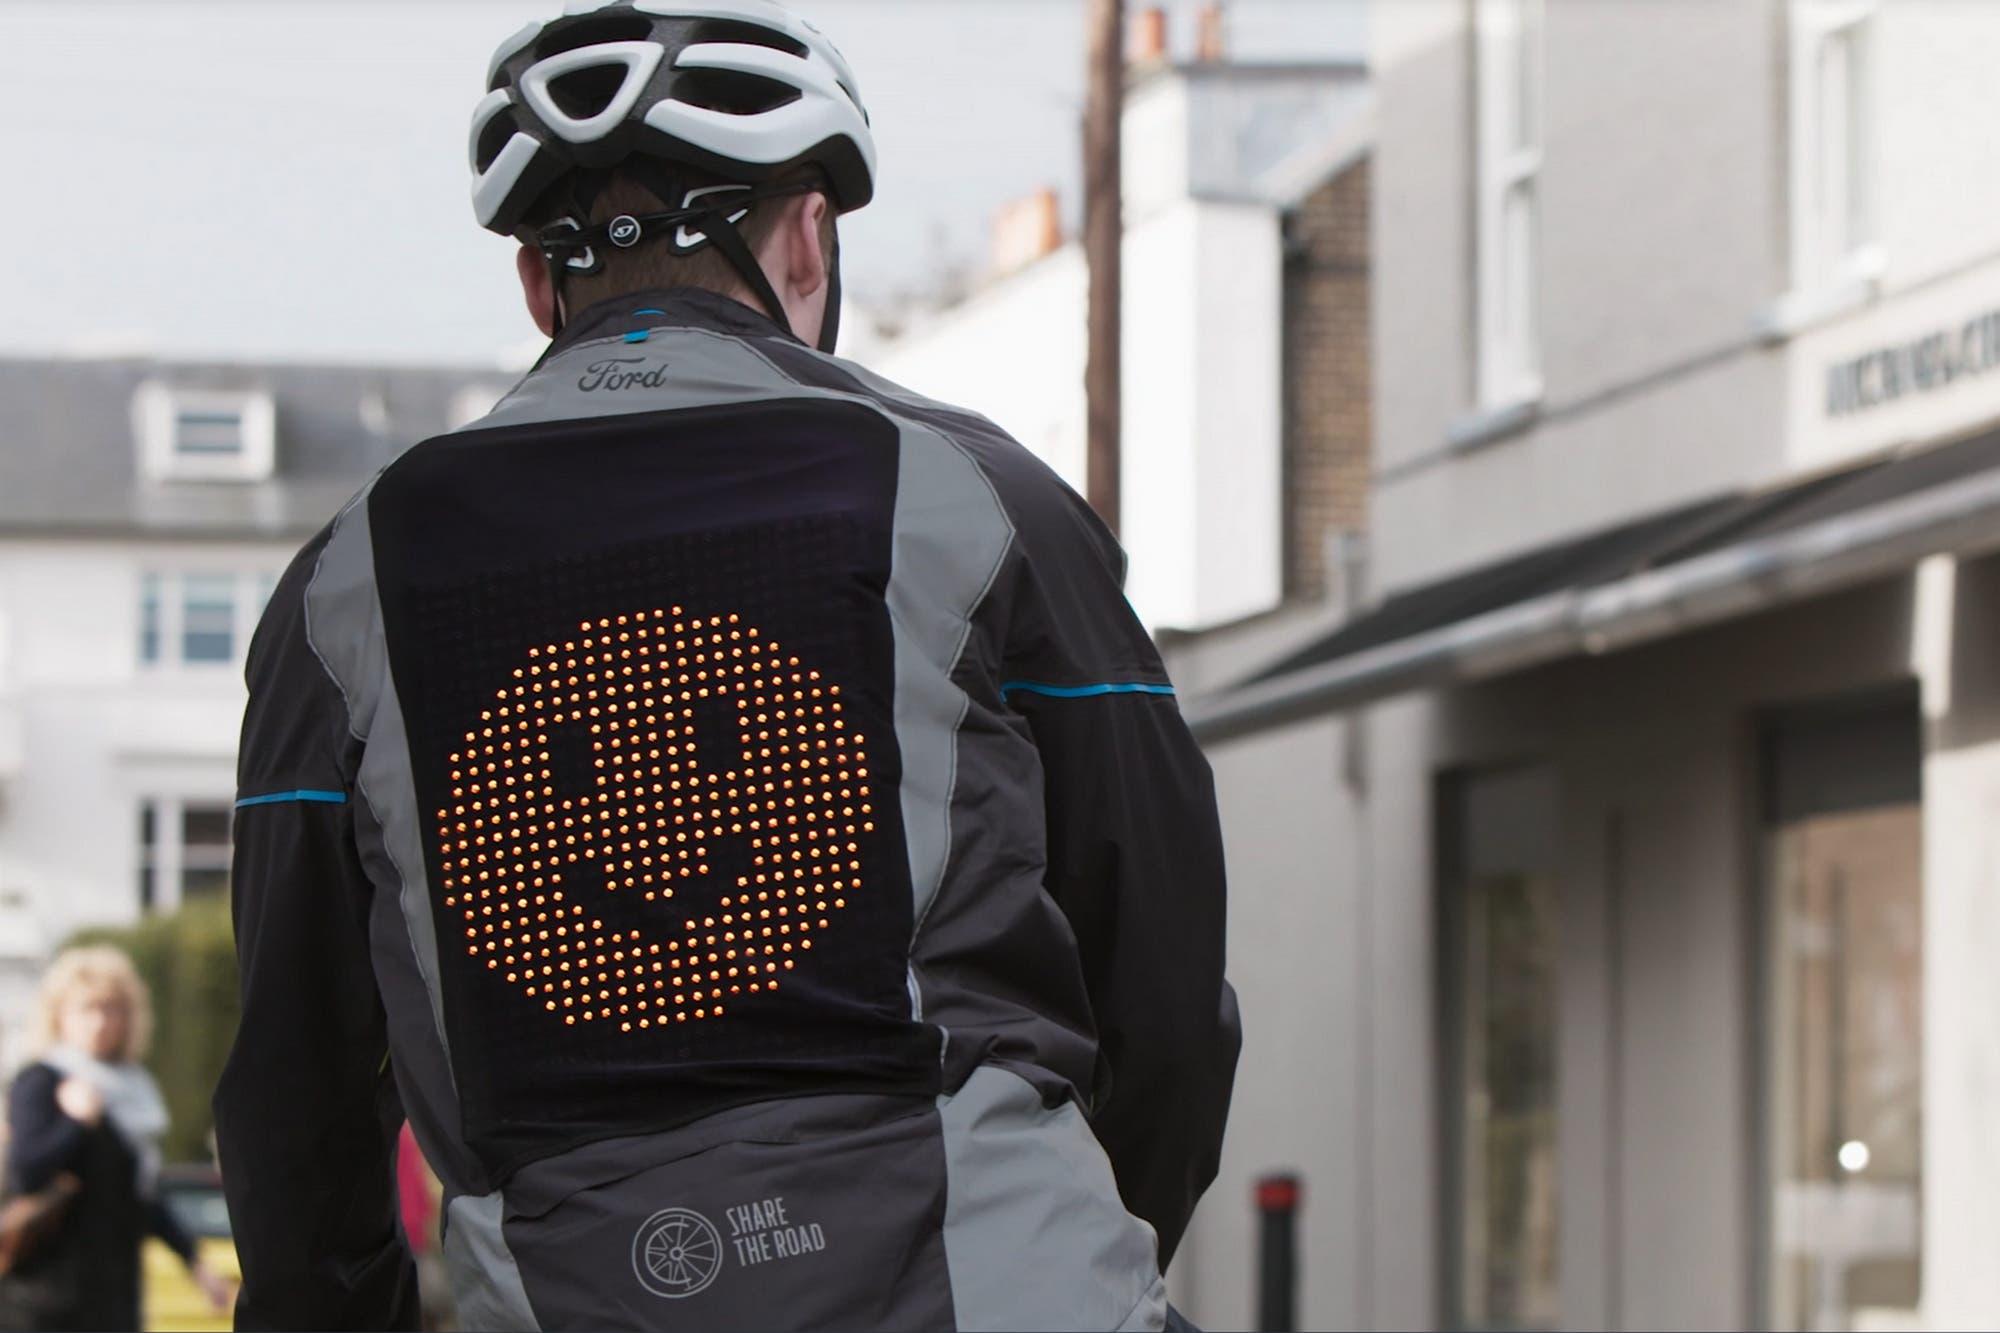 Con emojis: así es la campera de Ford que muestra el estado de ánimo de los ciclistas